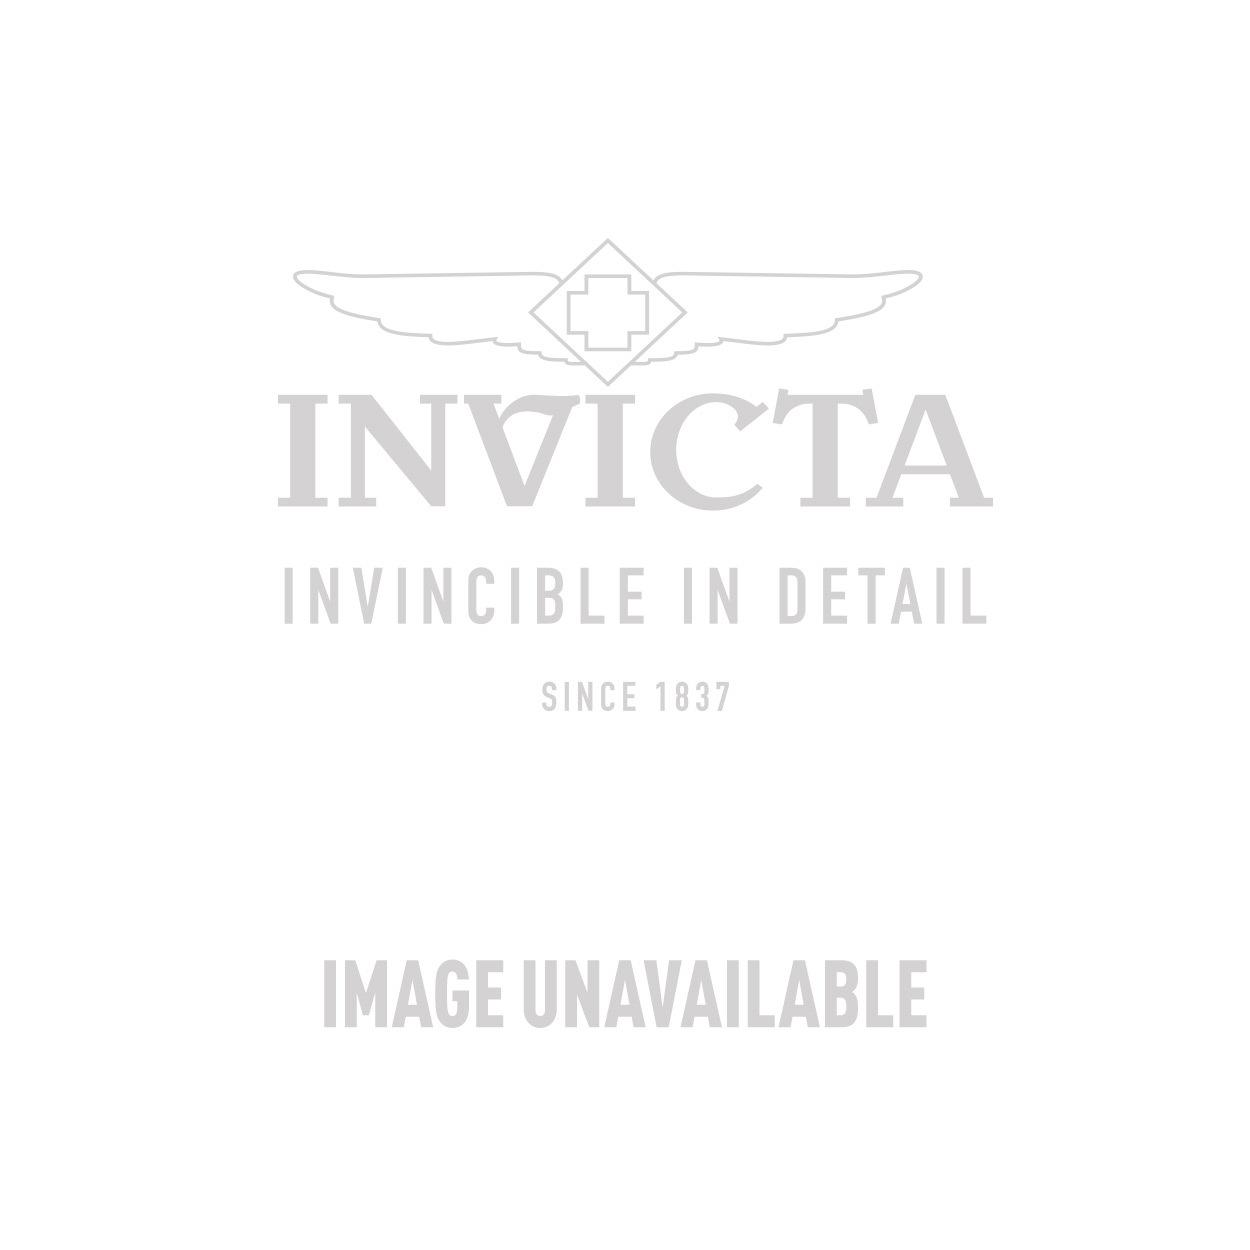 Invicta Model 25542